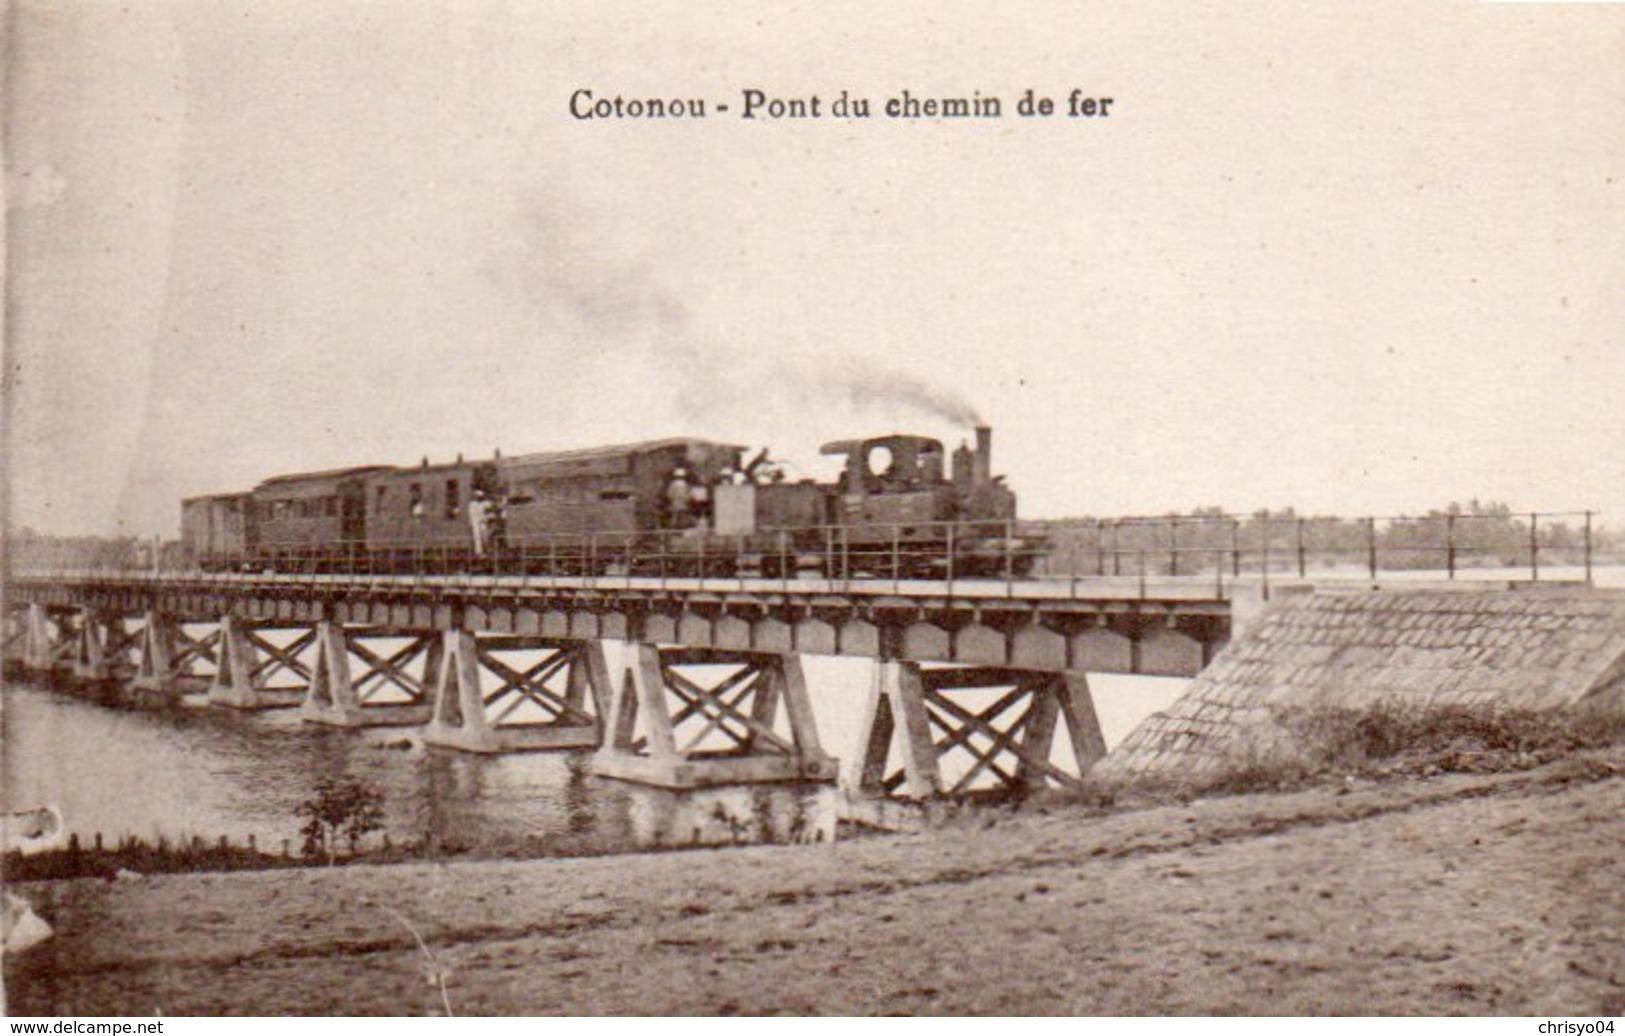 84Vn  Dahomey Cotonou Train Sur Le Pont De Chemin De Fer - Dahomey